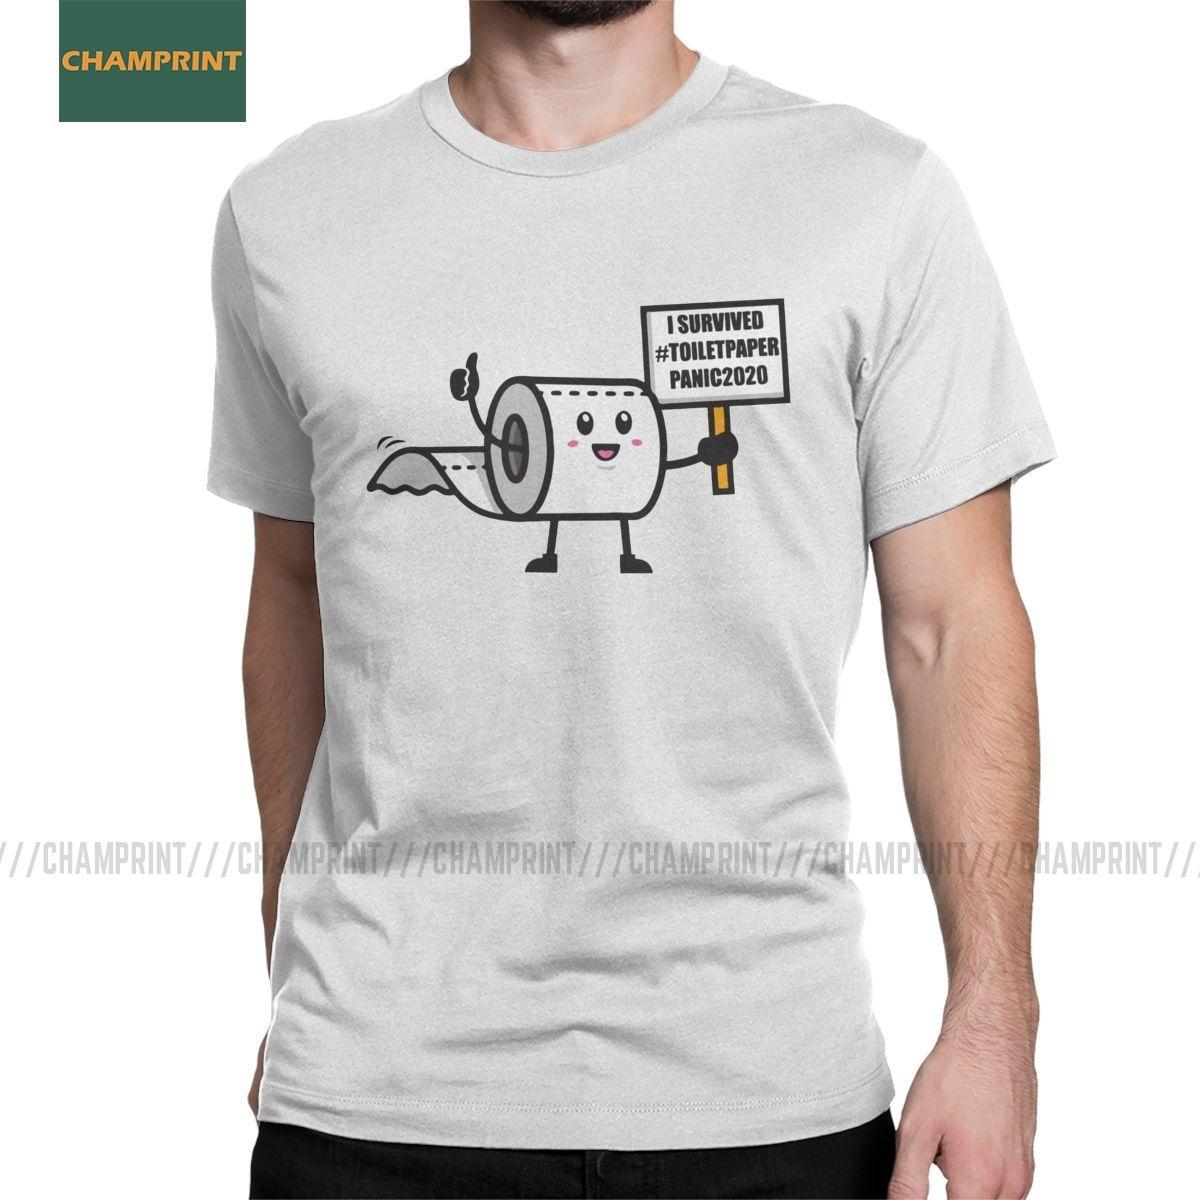 Tuvalet Kağıdı yetersizliği 2020 ben atlattı Tişört Erkekler Rulo Sosyal Mesafenin Stay Home Pamuk Tee Gömlek Kısa Kollu T Shirt Panik